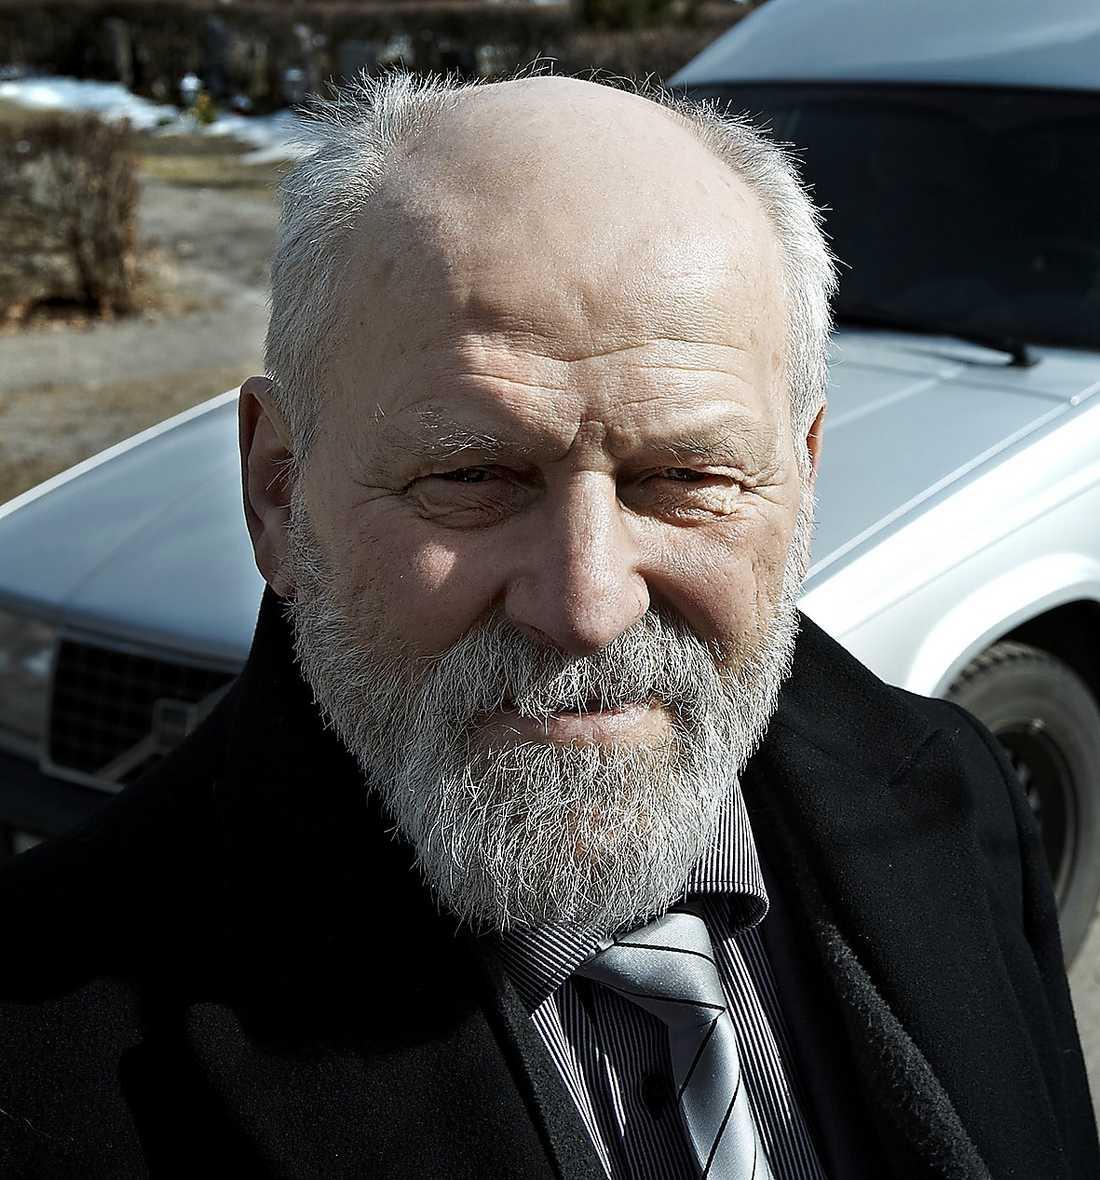 Sven-Olof Bladh har anmält Fonus upphandling av transporter av döda i Växjö till Konkurrensverket.